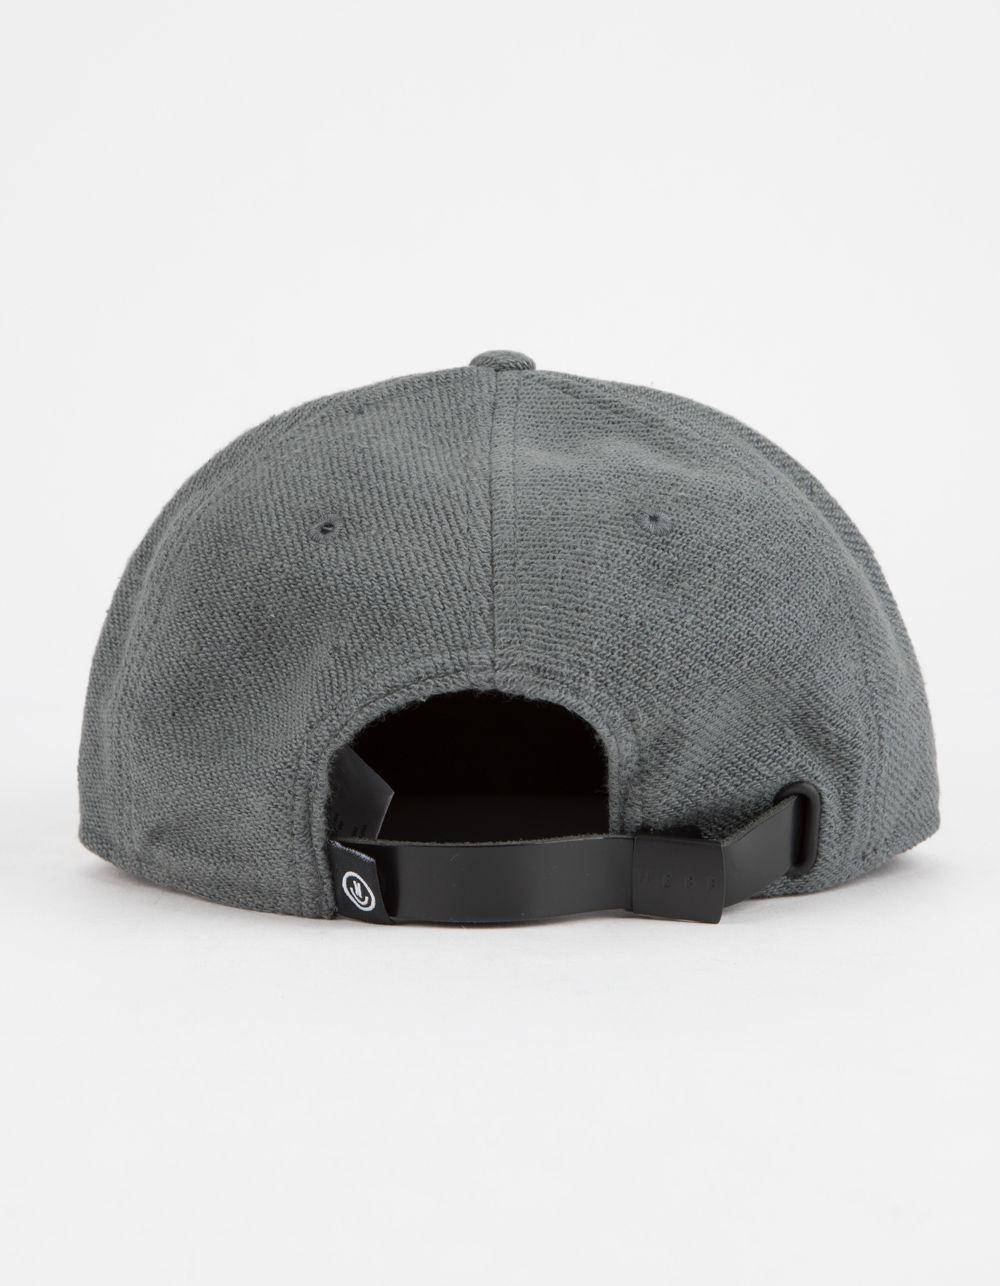 Lyst - Neff Bagette Mens Strapback Hat in Gray for Men 101907bf6e56